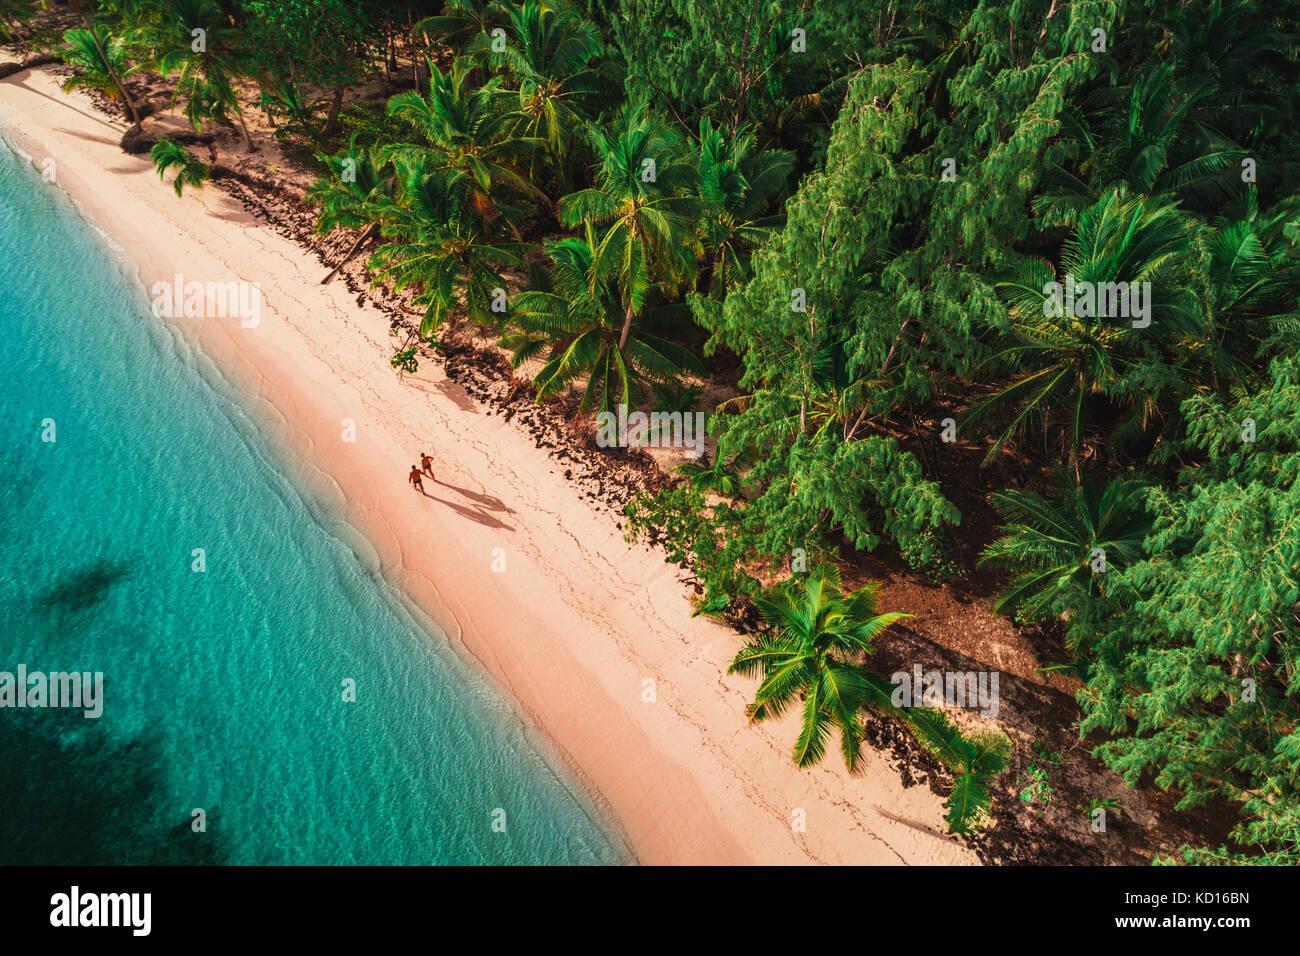 Vue aérienne de la plage de l'île tropicale, la République dominicaine Photo Stock